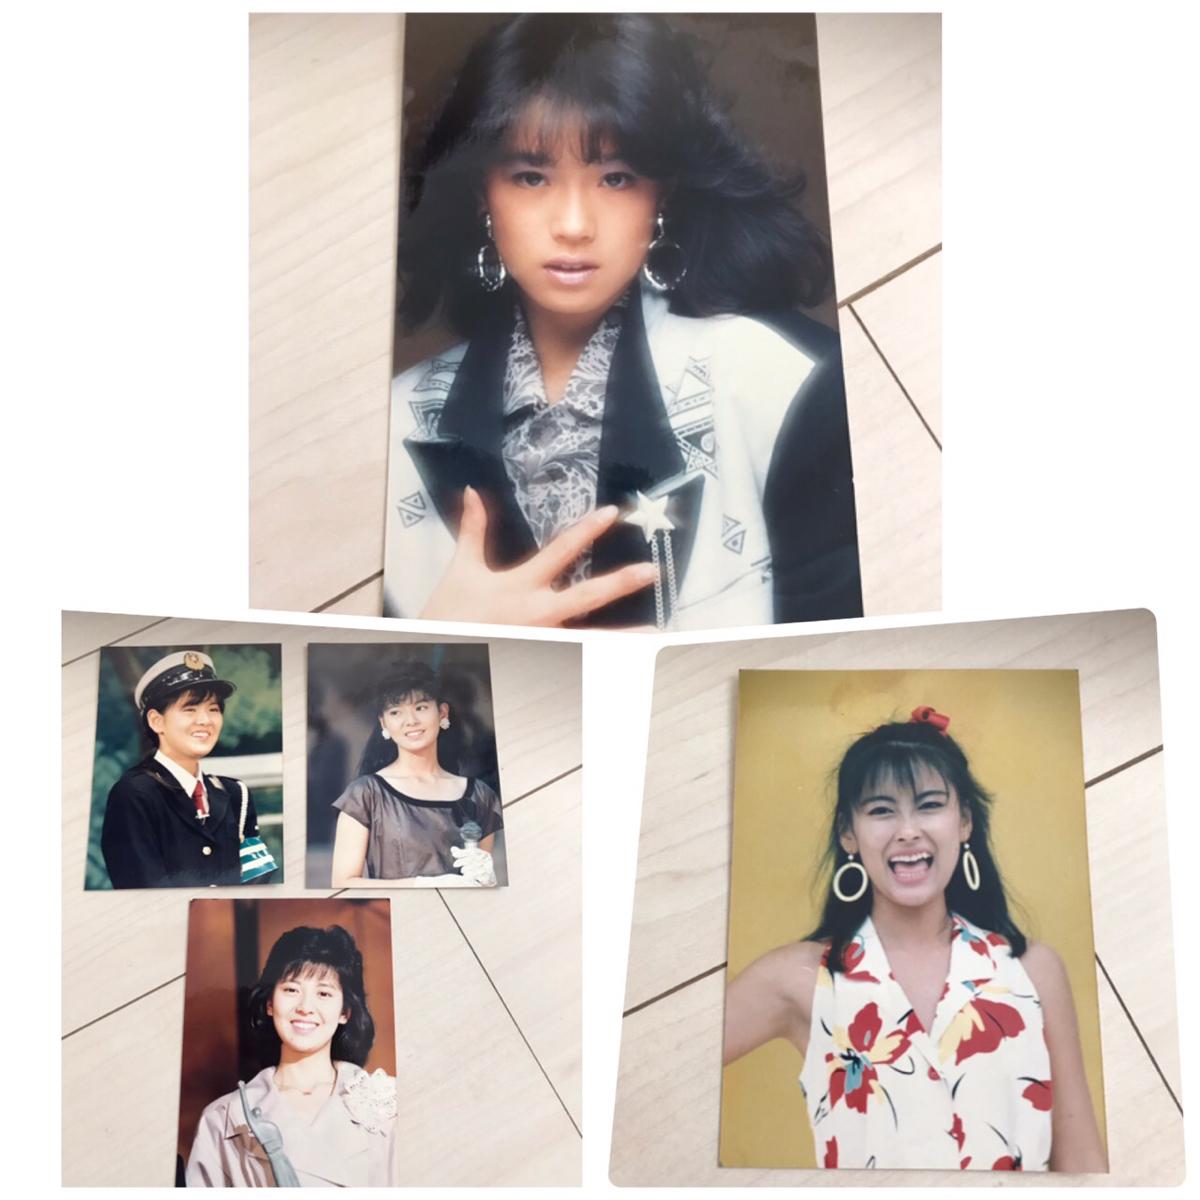 昭和アイドル 生写真 中森明菜 等 ライブグッズの画像